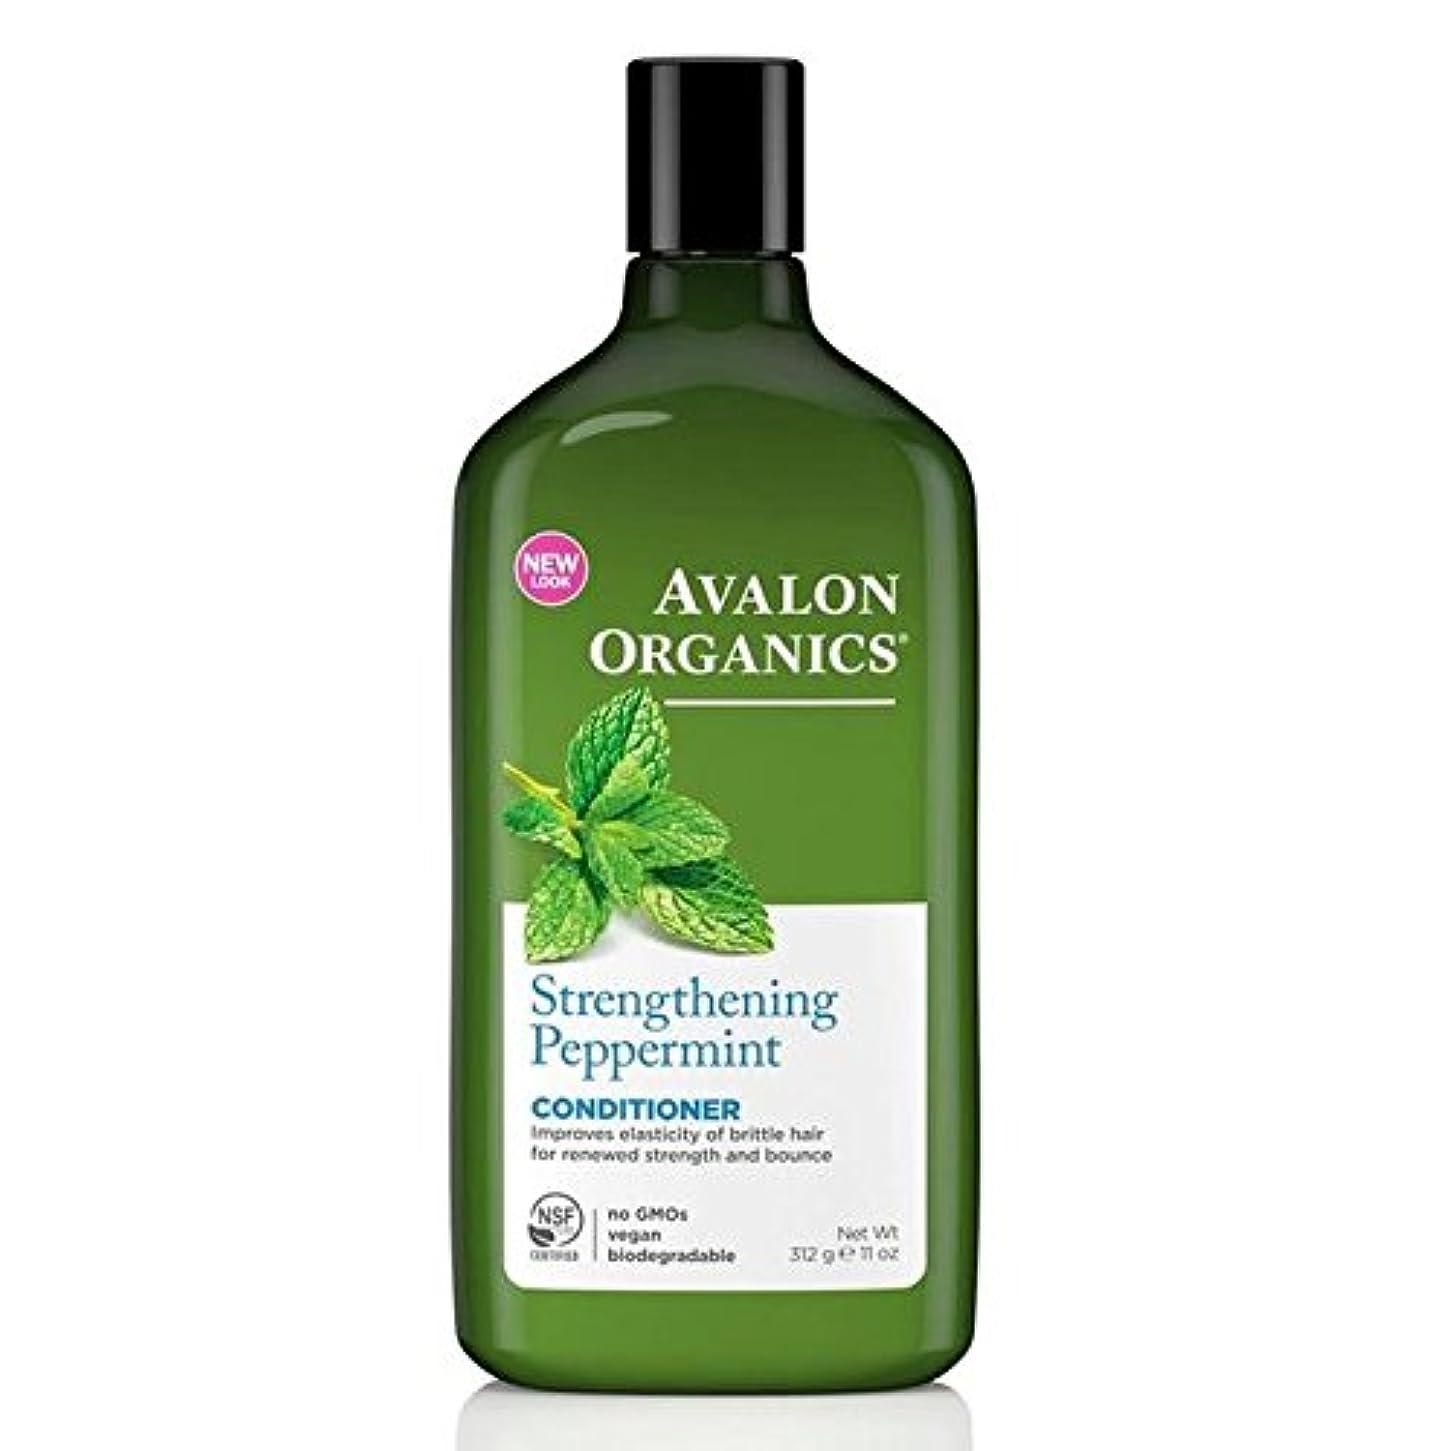 舗装戻る彫るAvalon Organics Peppermint Conditioner 325ml - (Avalon) ペパーミントコンディショナー325ミリリットル [並行輸入品]